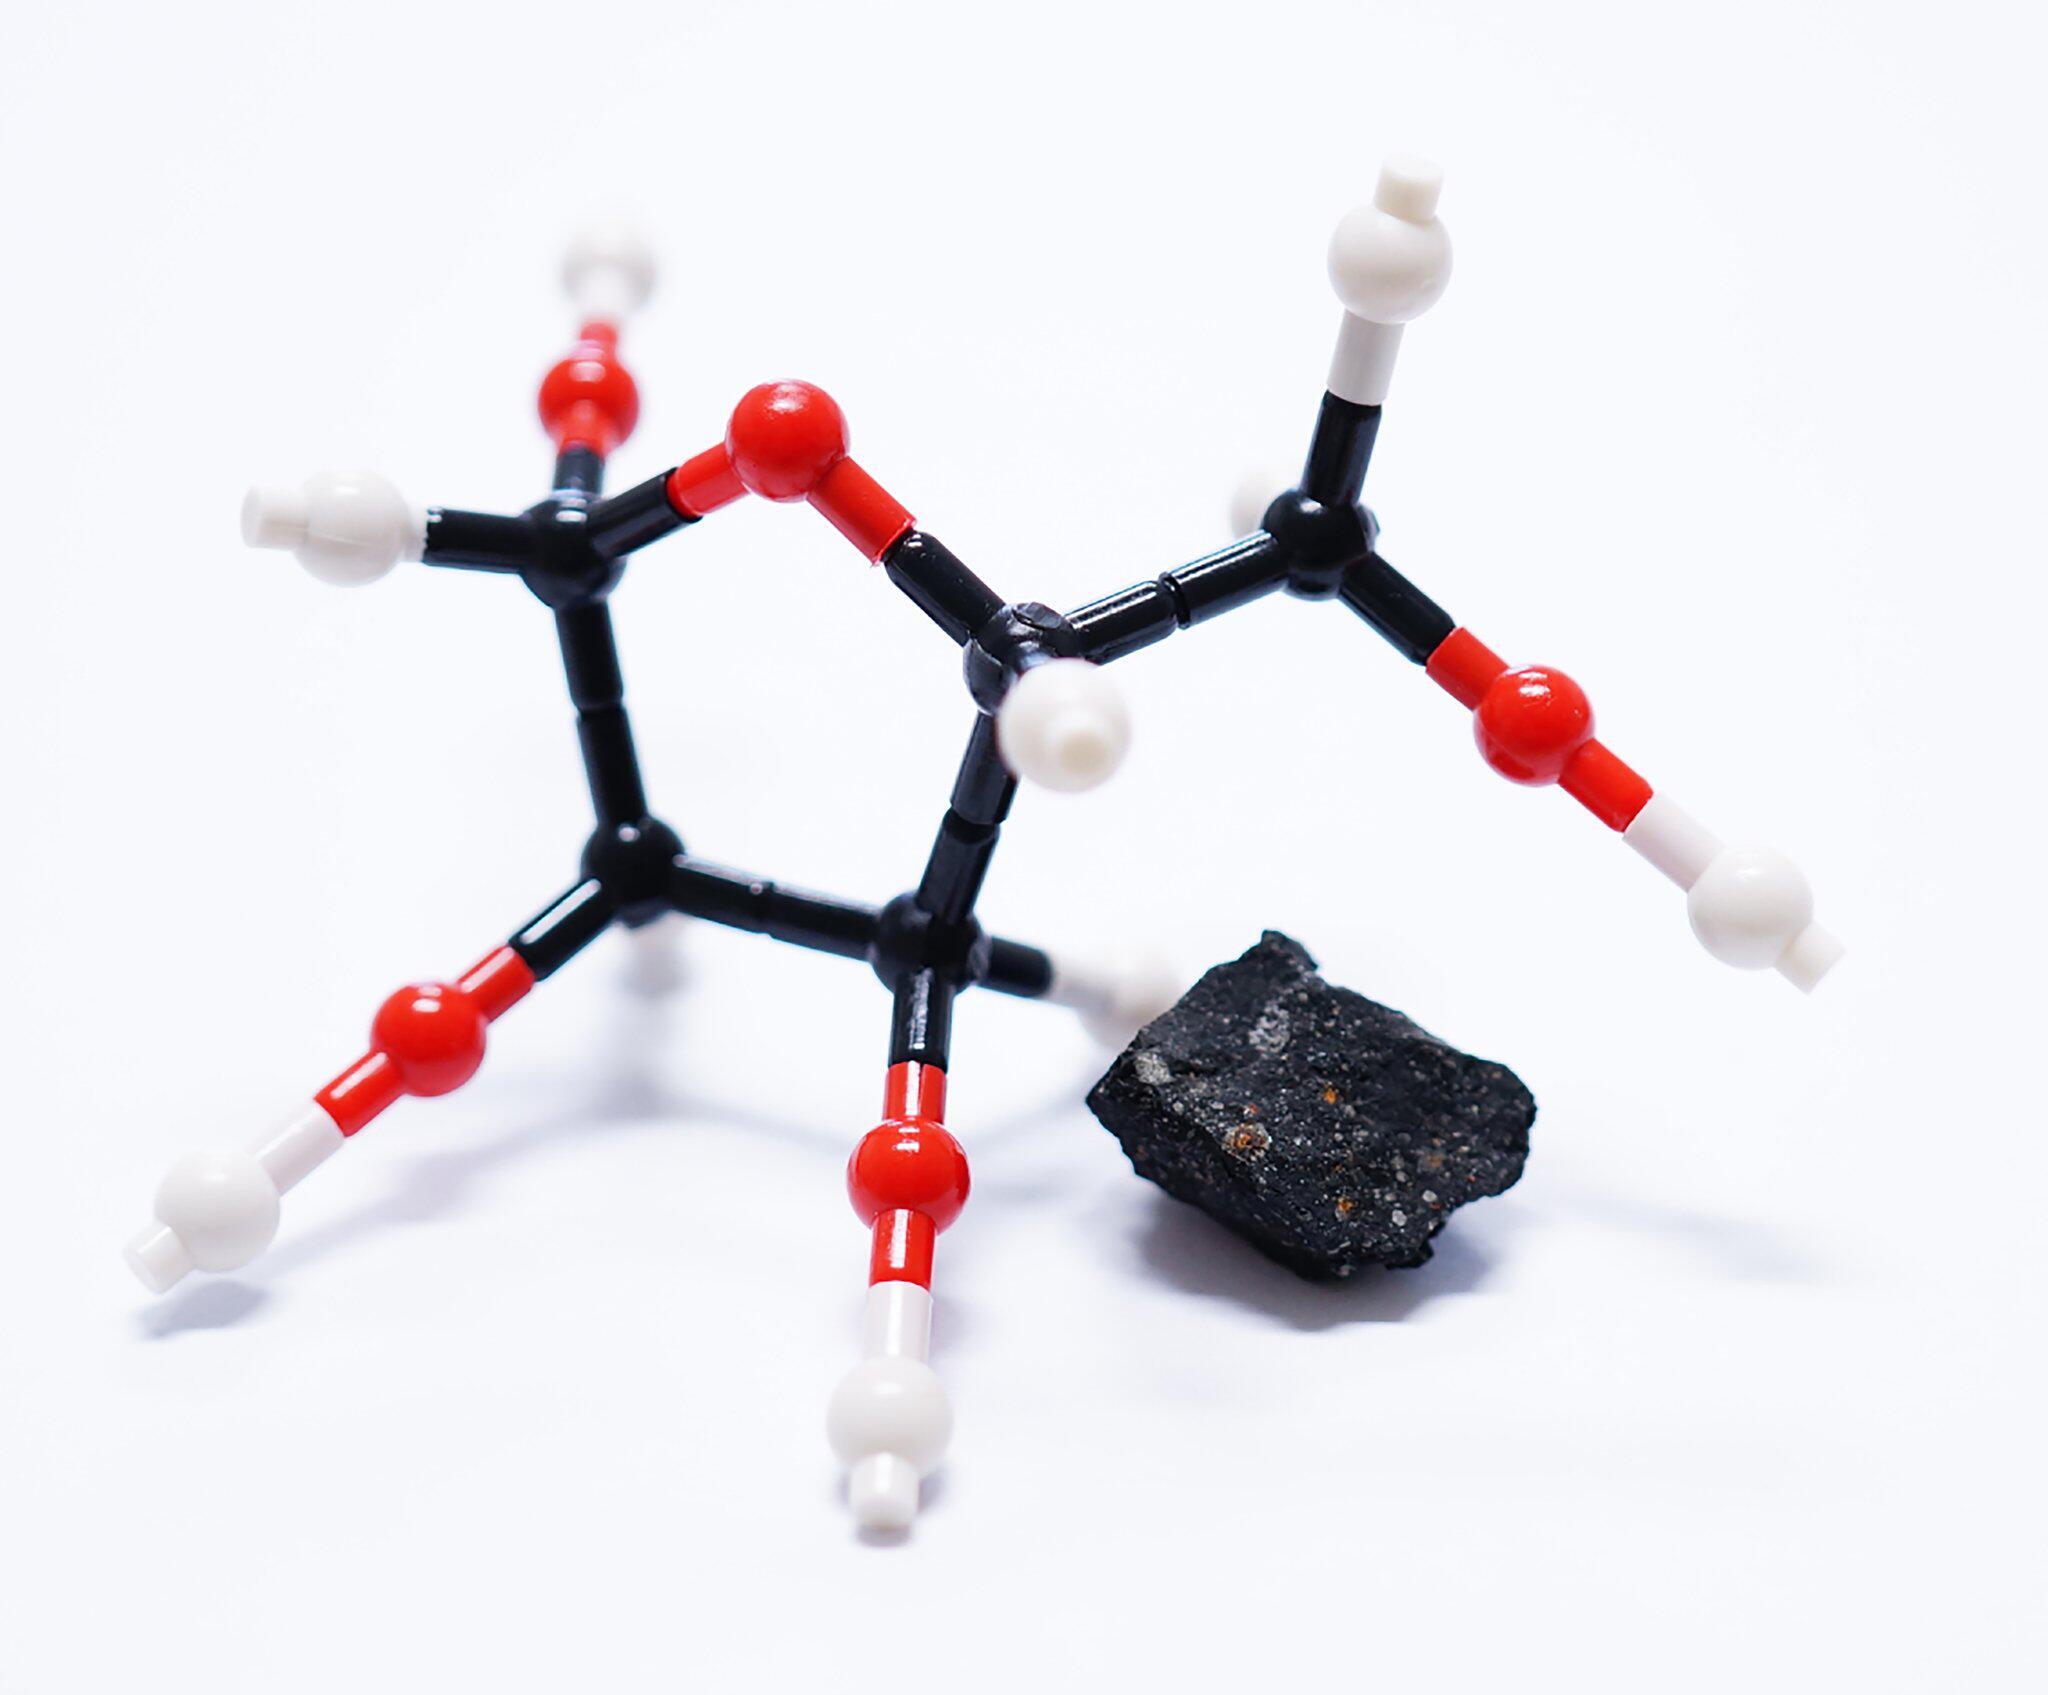 Bild zu Fragment des Murchison Meteoriten